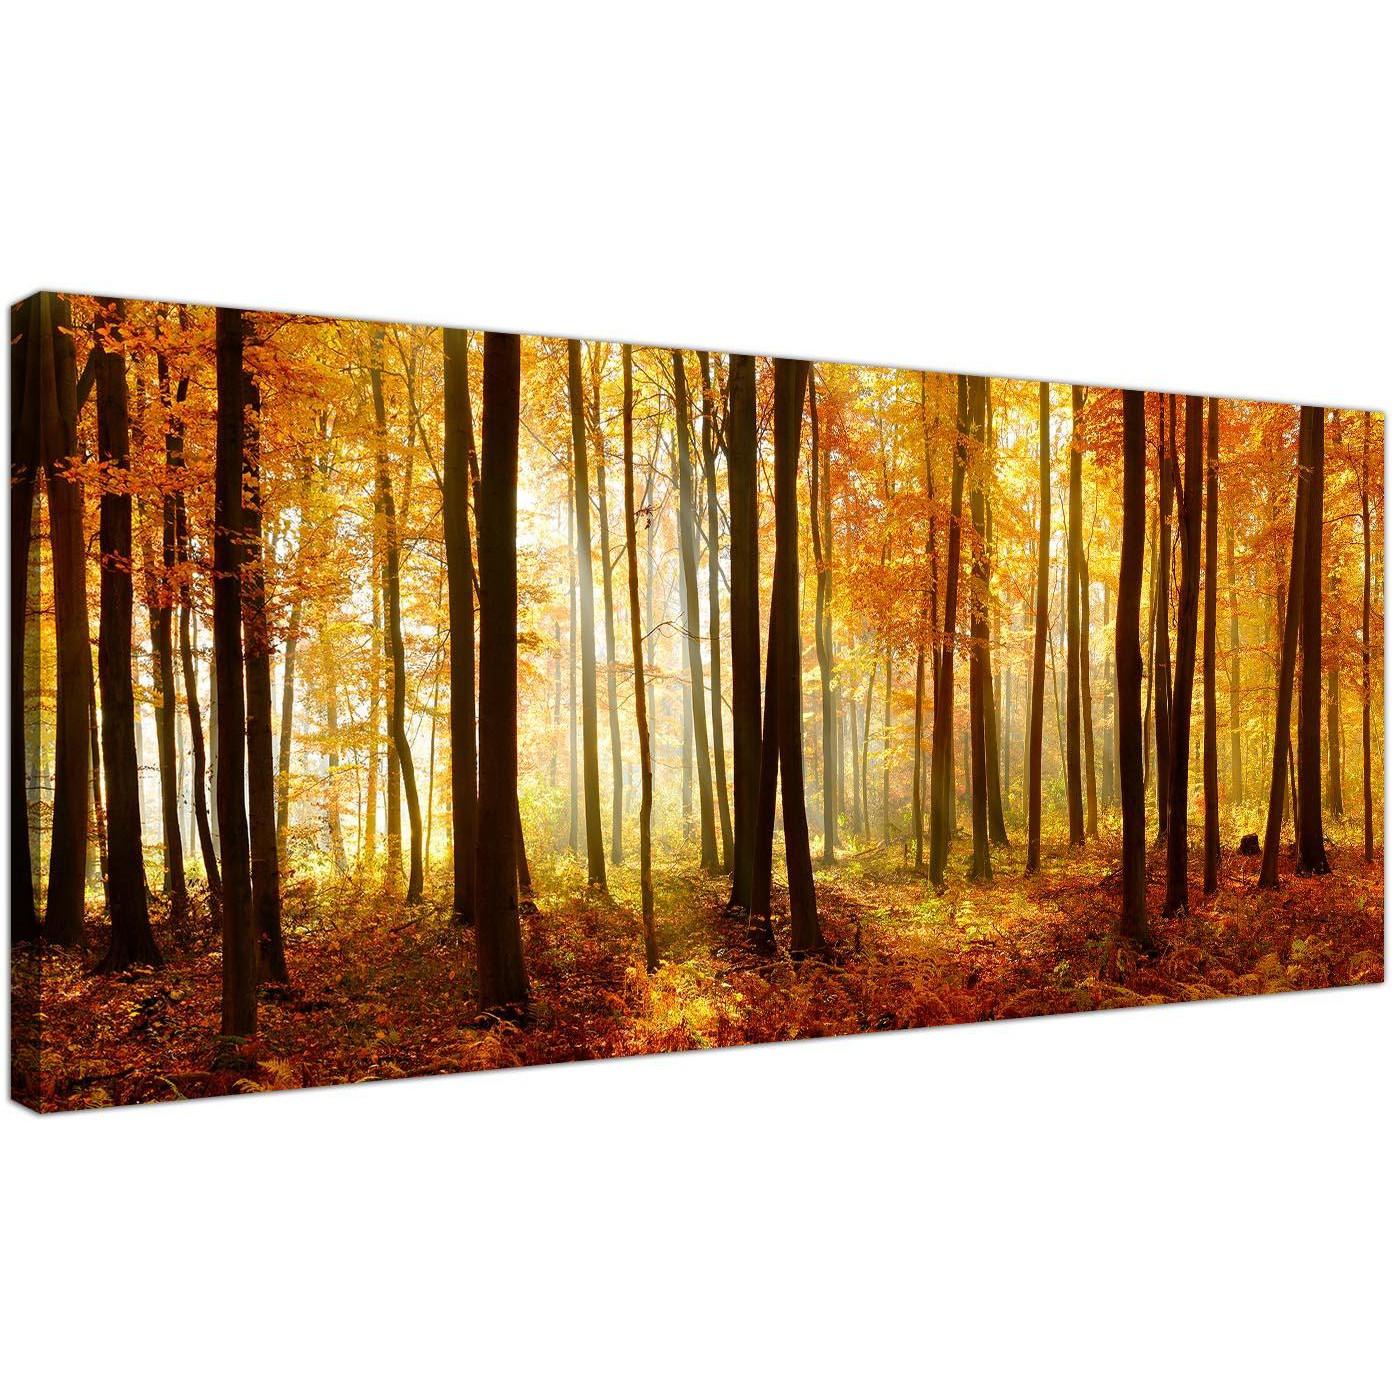 Golden Autumn Art Paintings Oil On Canvas